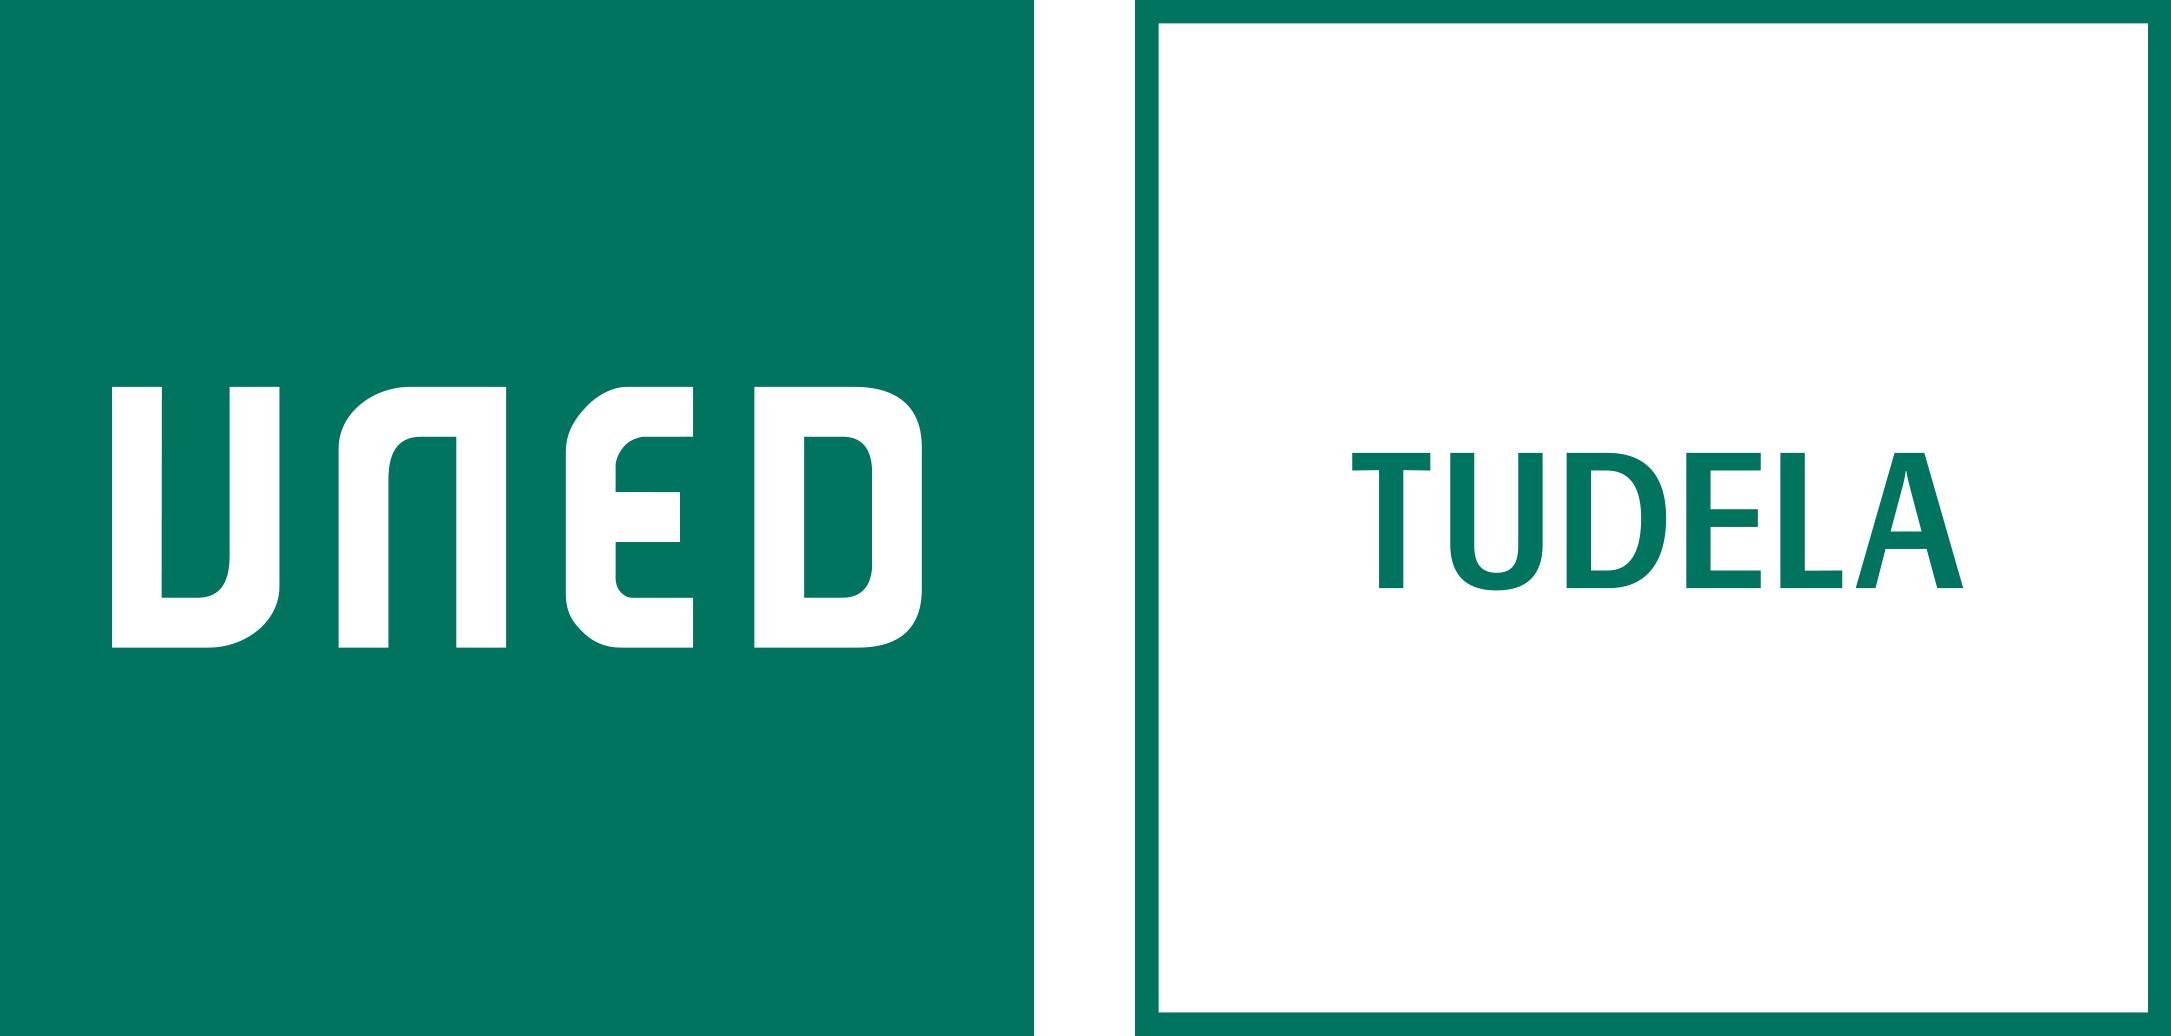 Logotipo UNED - Tudela